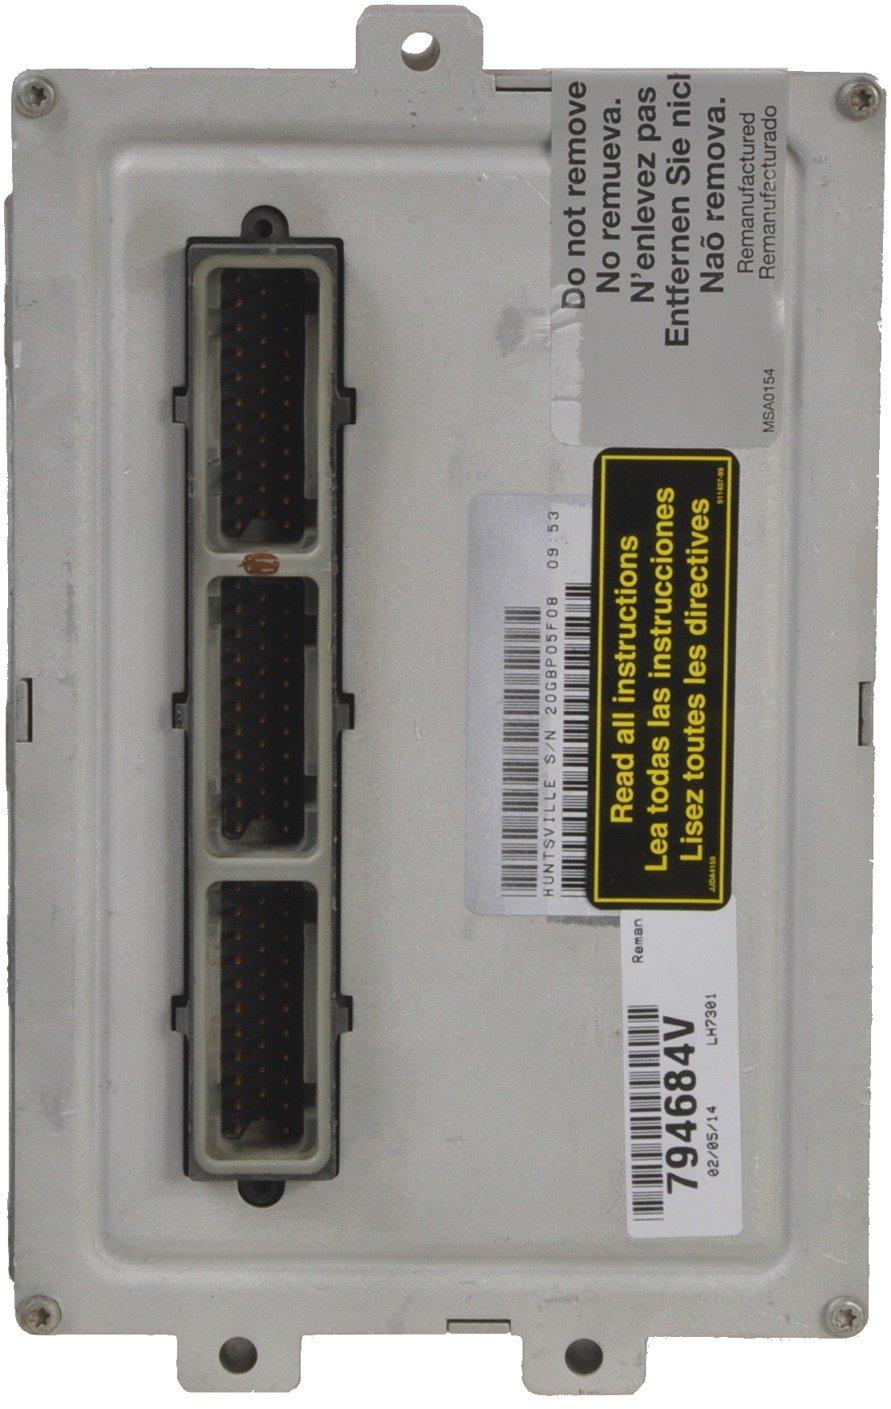 A1 Cardone 79-2005V Chrysler Engine Control Computer Remanufactured Dodge Ram Pickup 2002